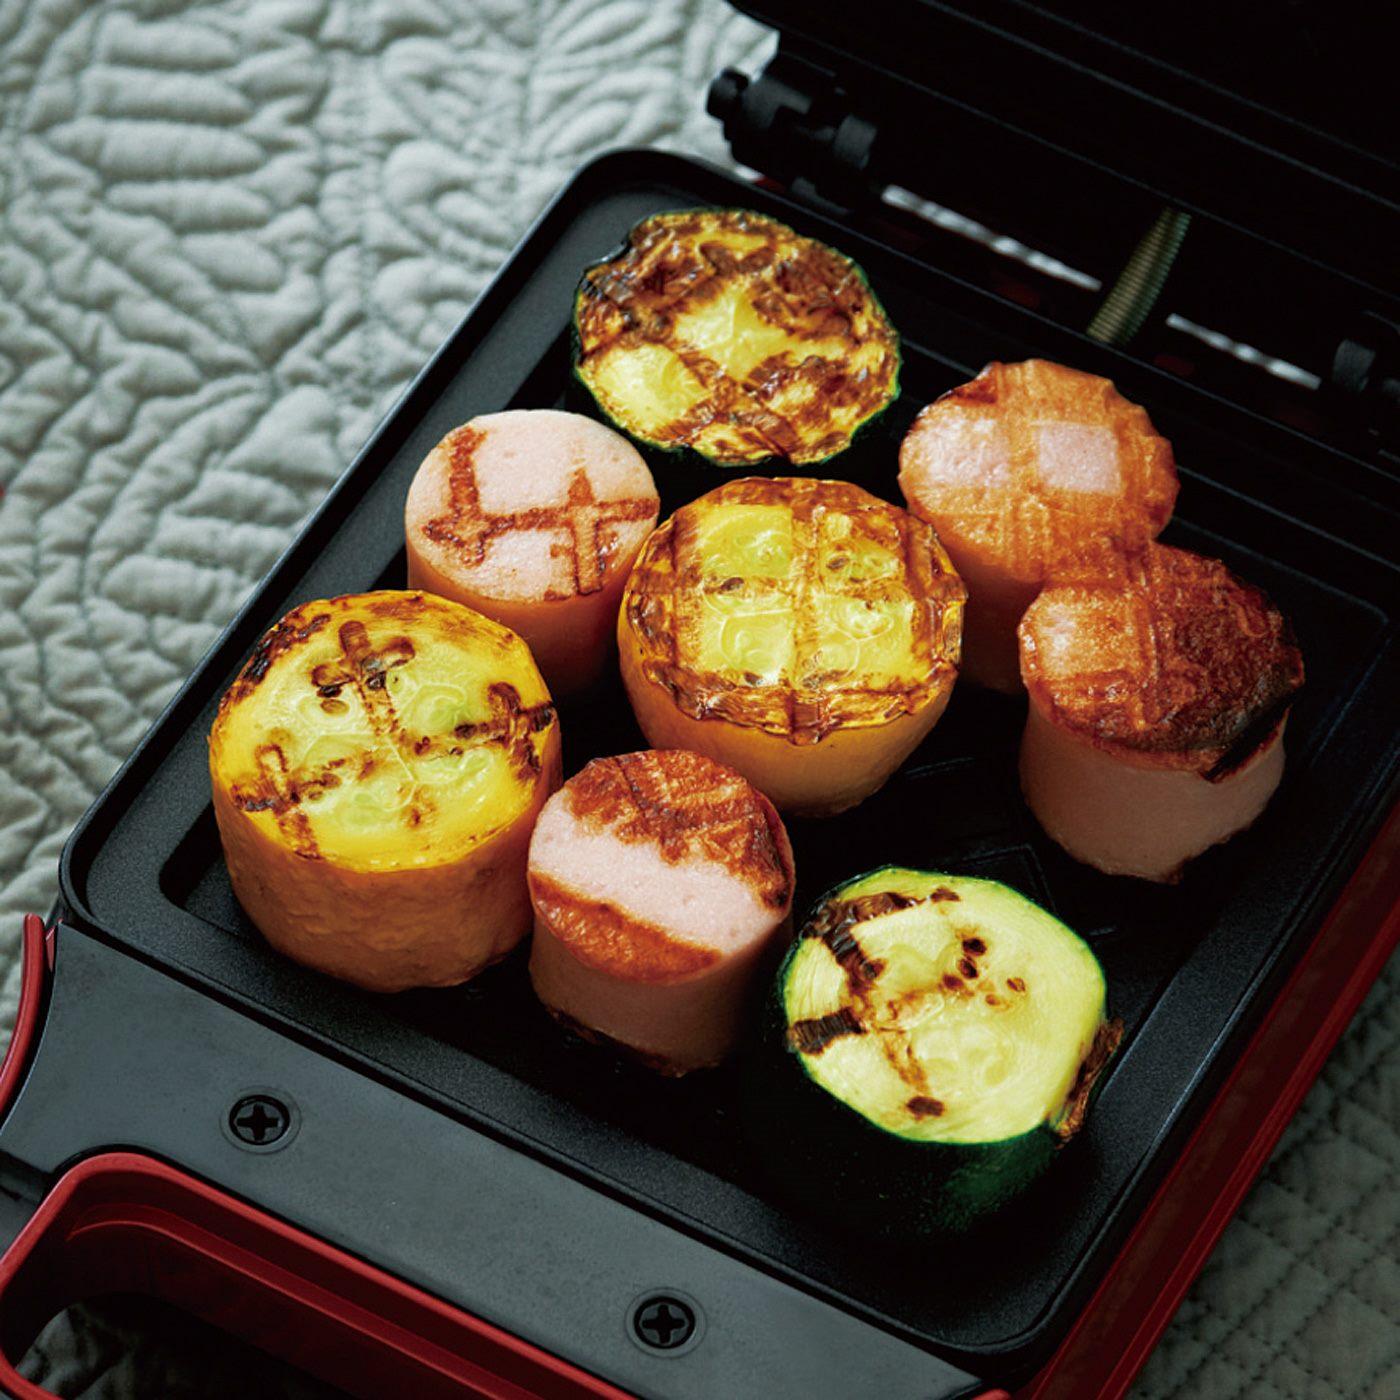 マフィンやバケット、野菜のグリルなどアレンジもOK!